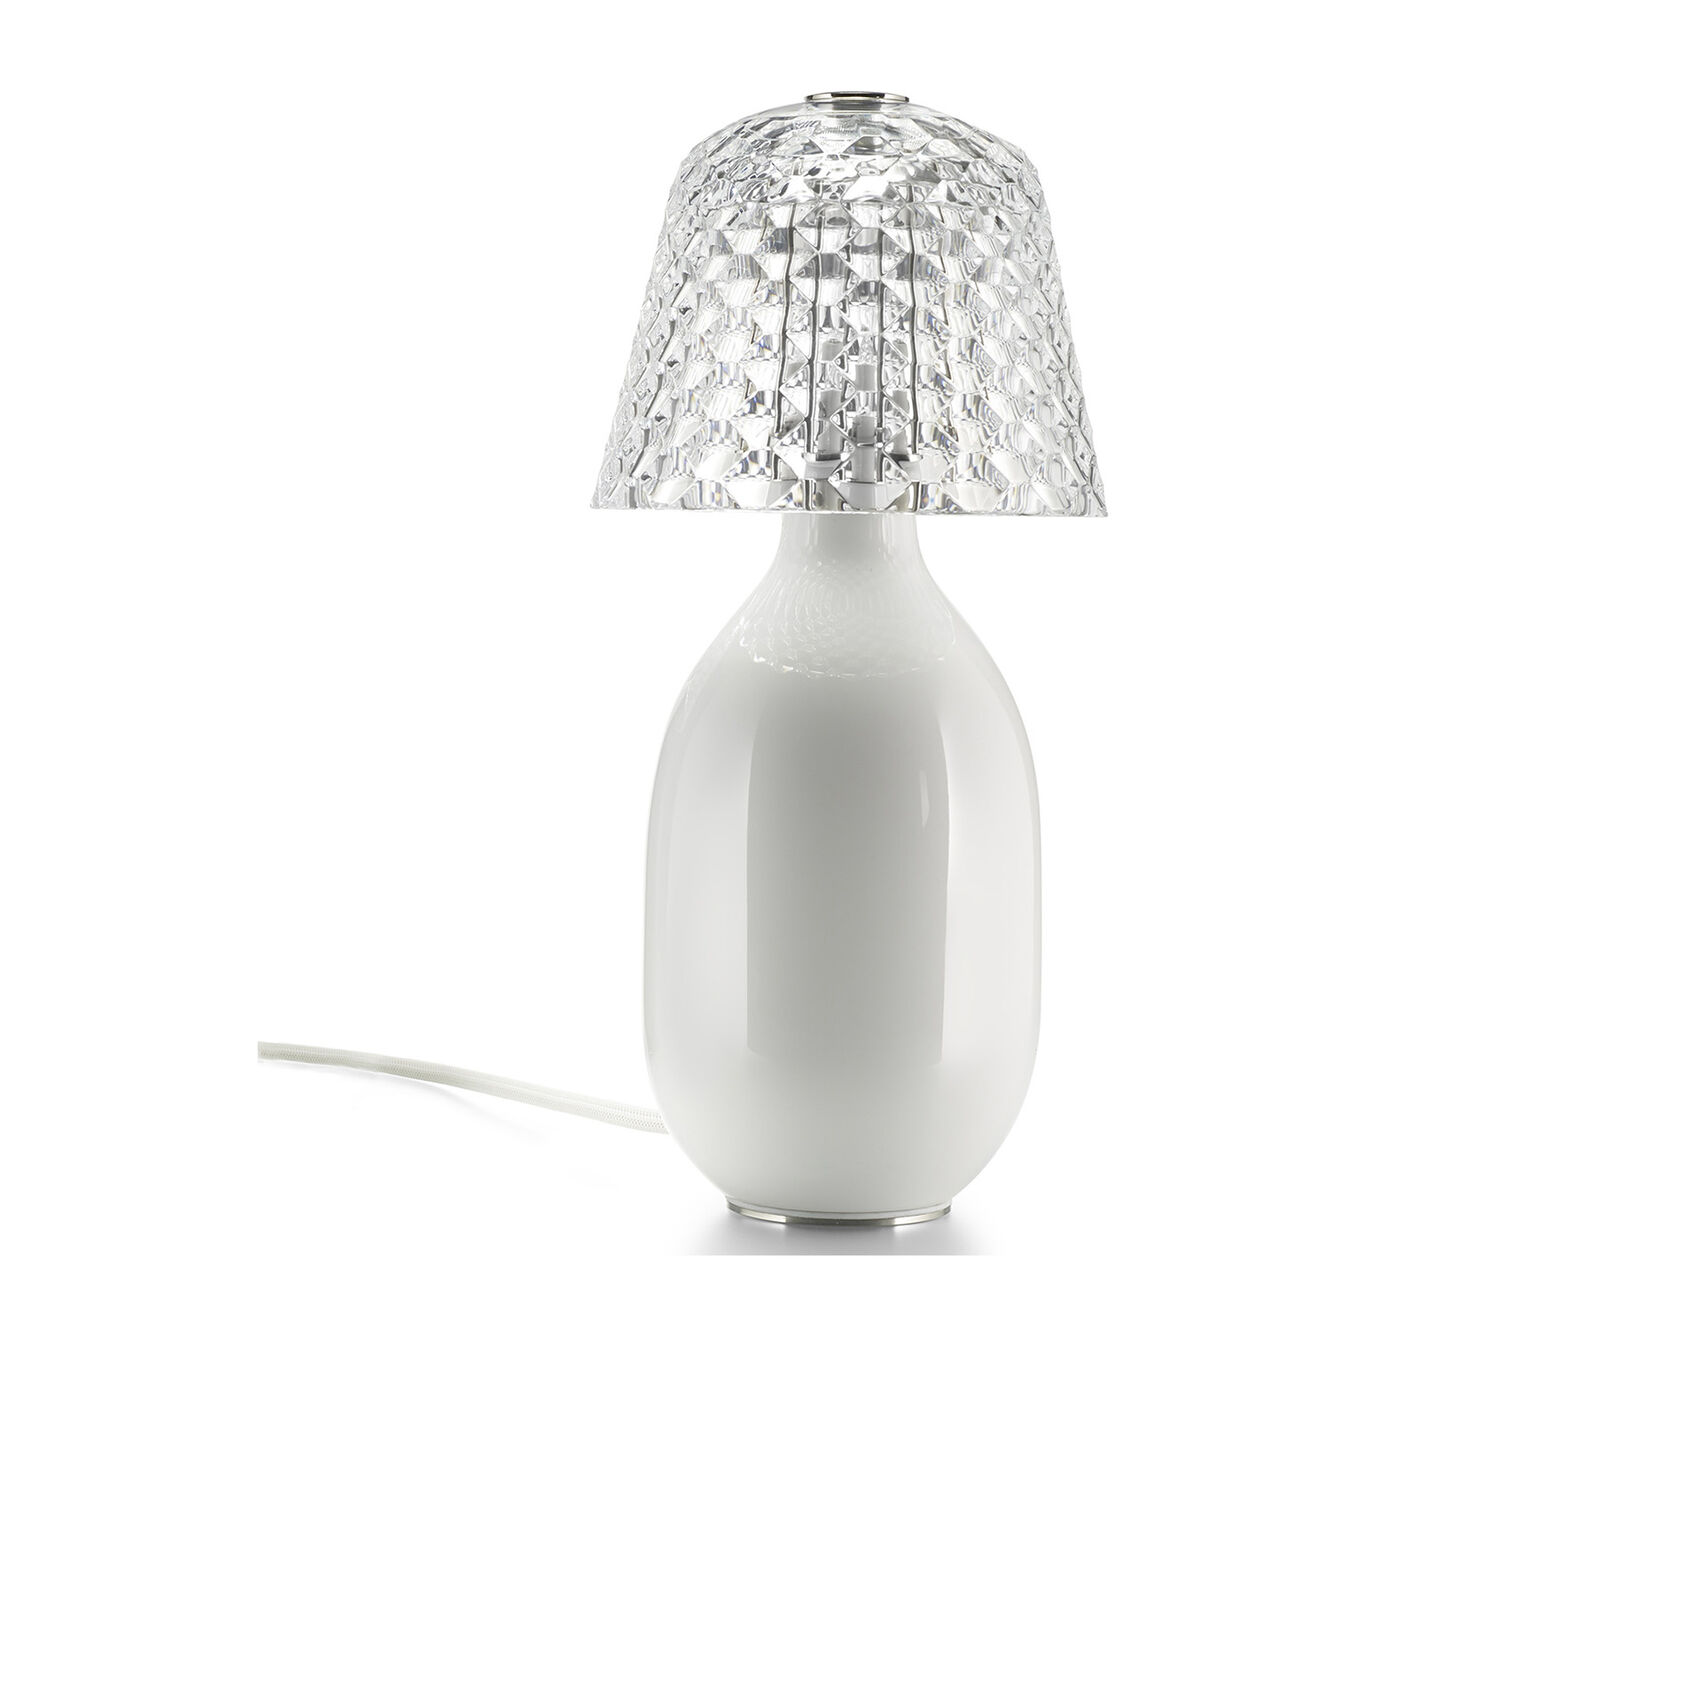 candy light lamp. Black Bedroom Furniture Sets. Home Design Ideas